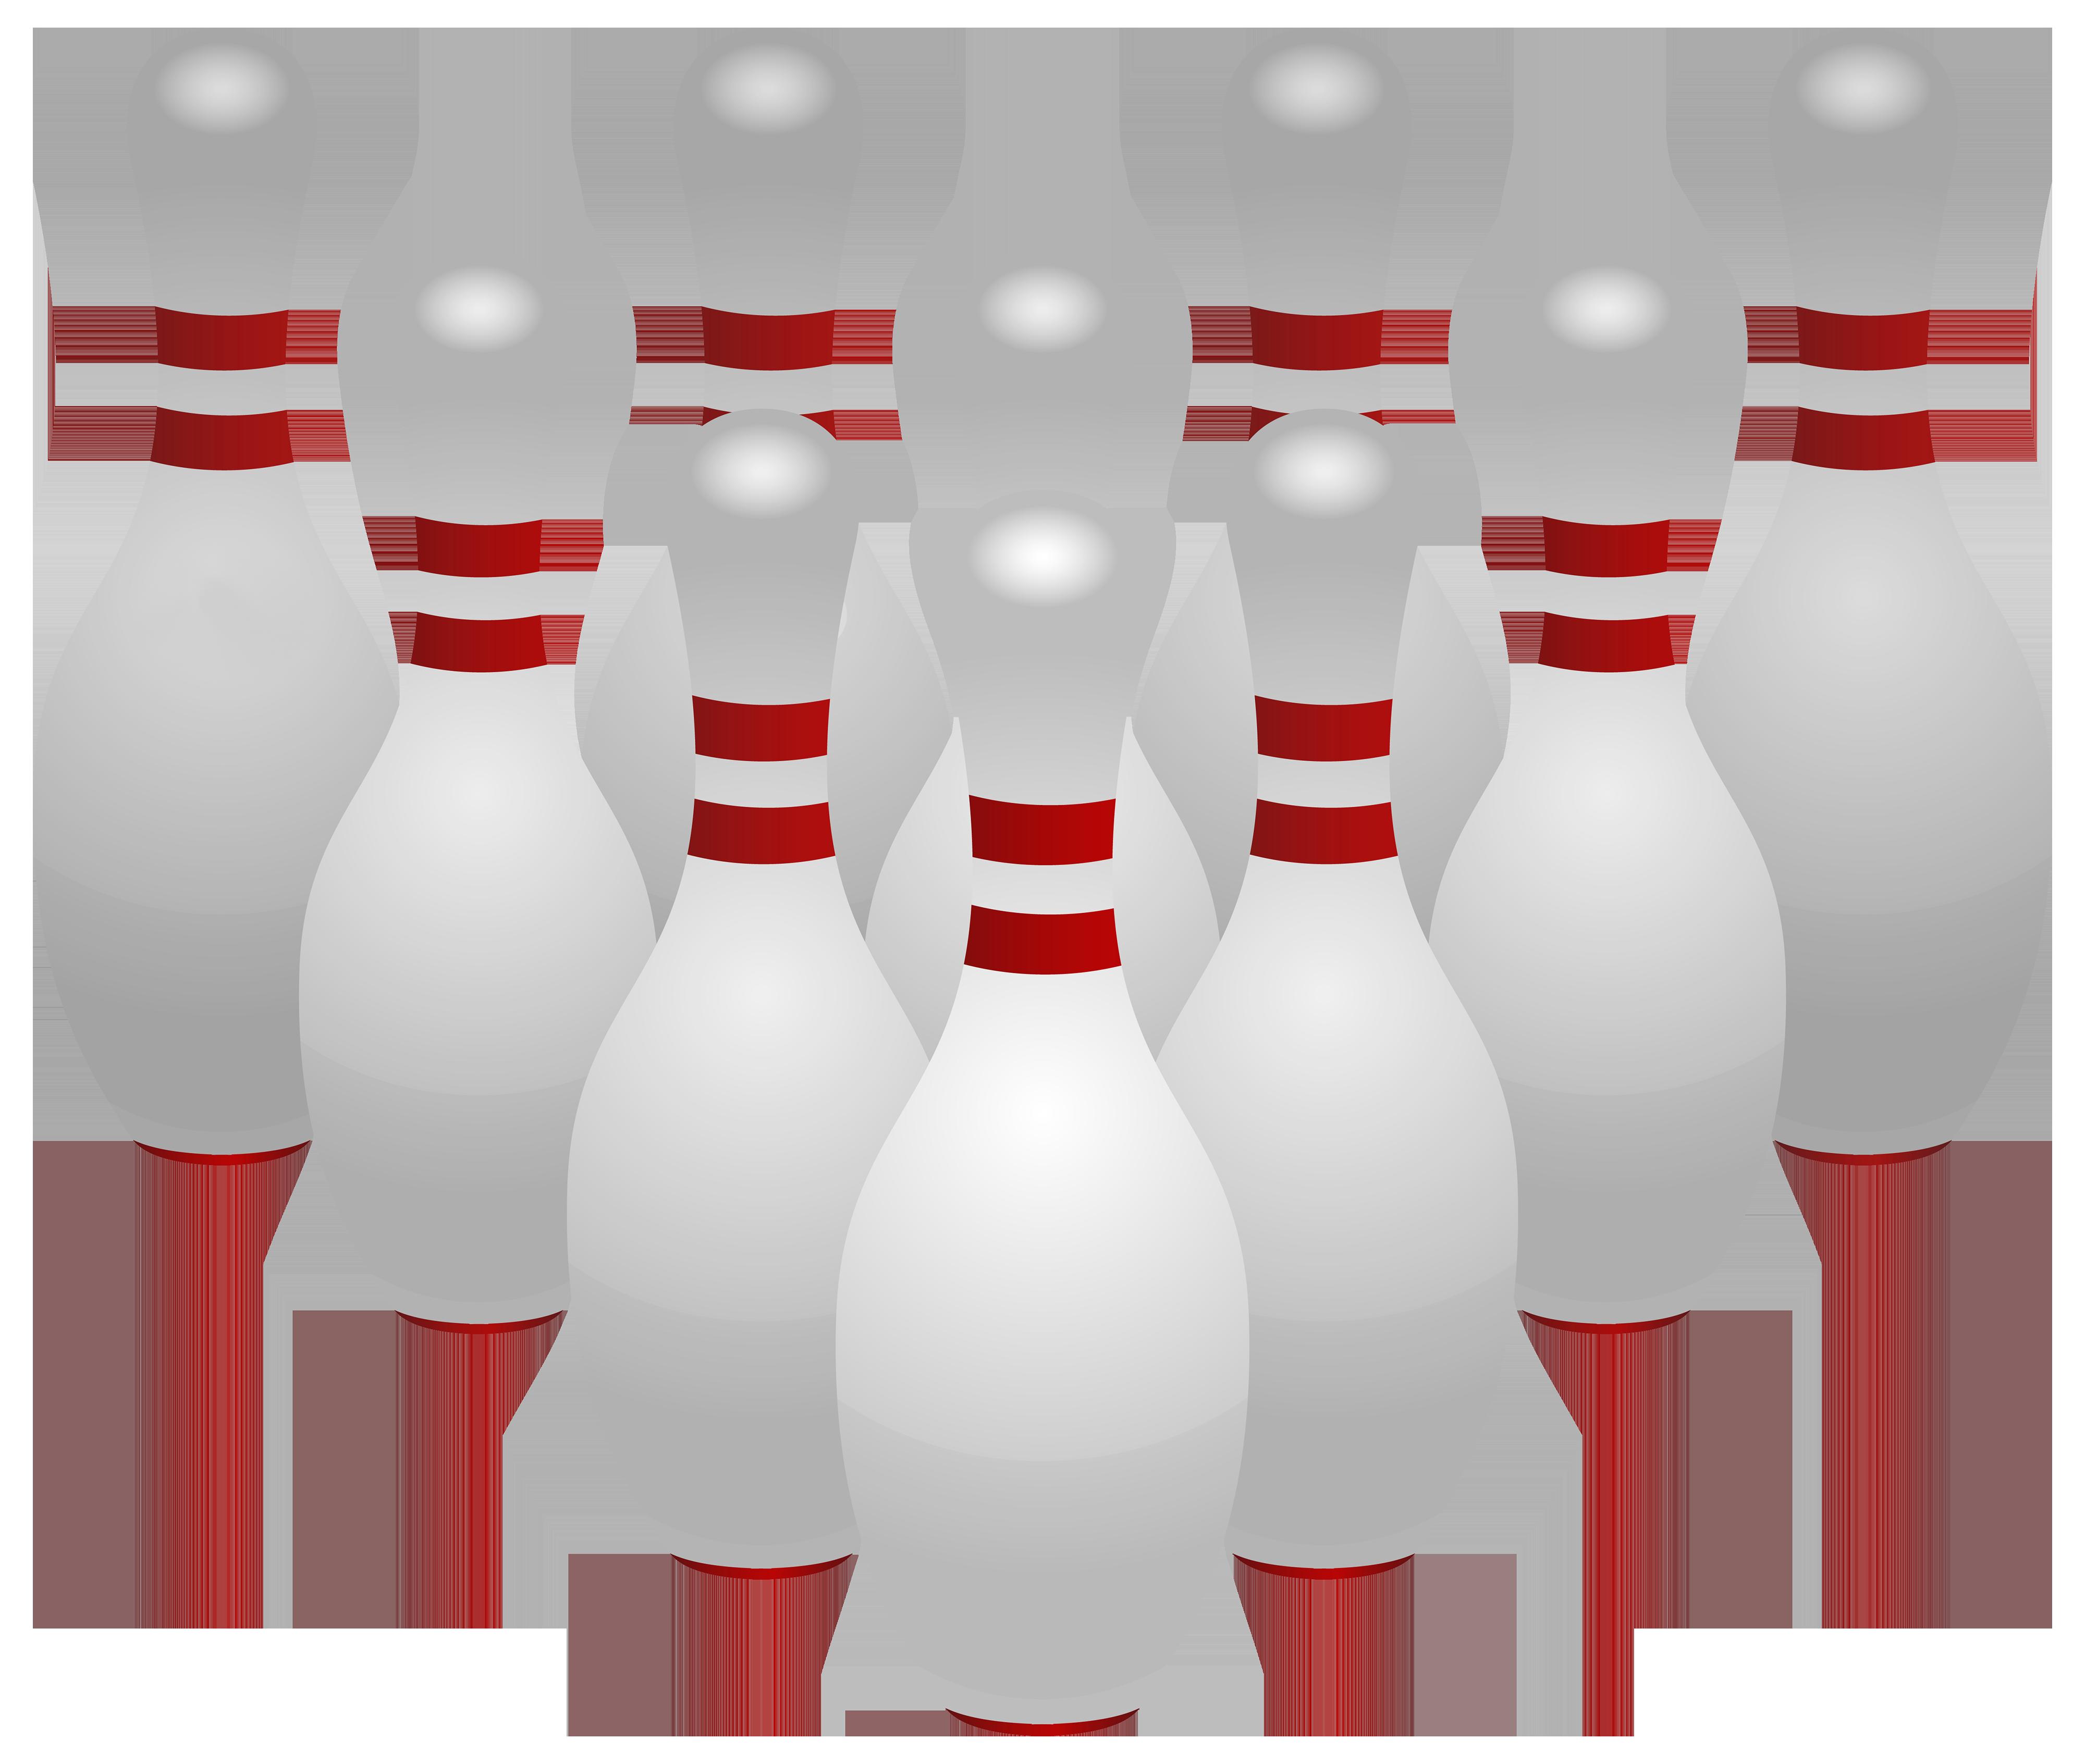 Bowling pins PNG